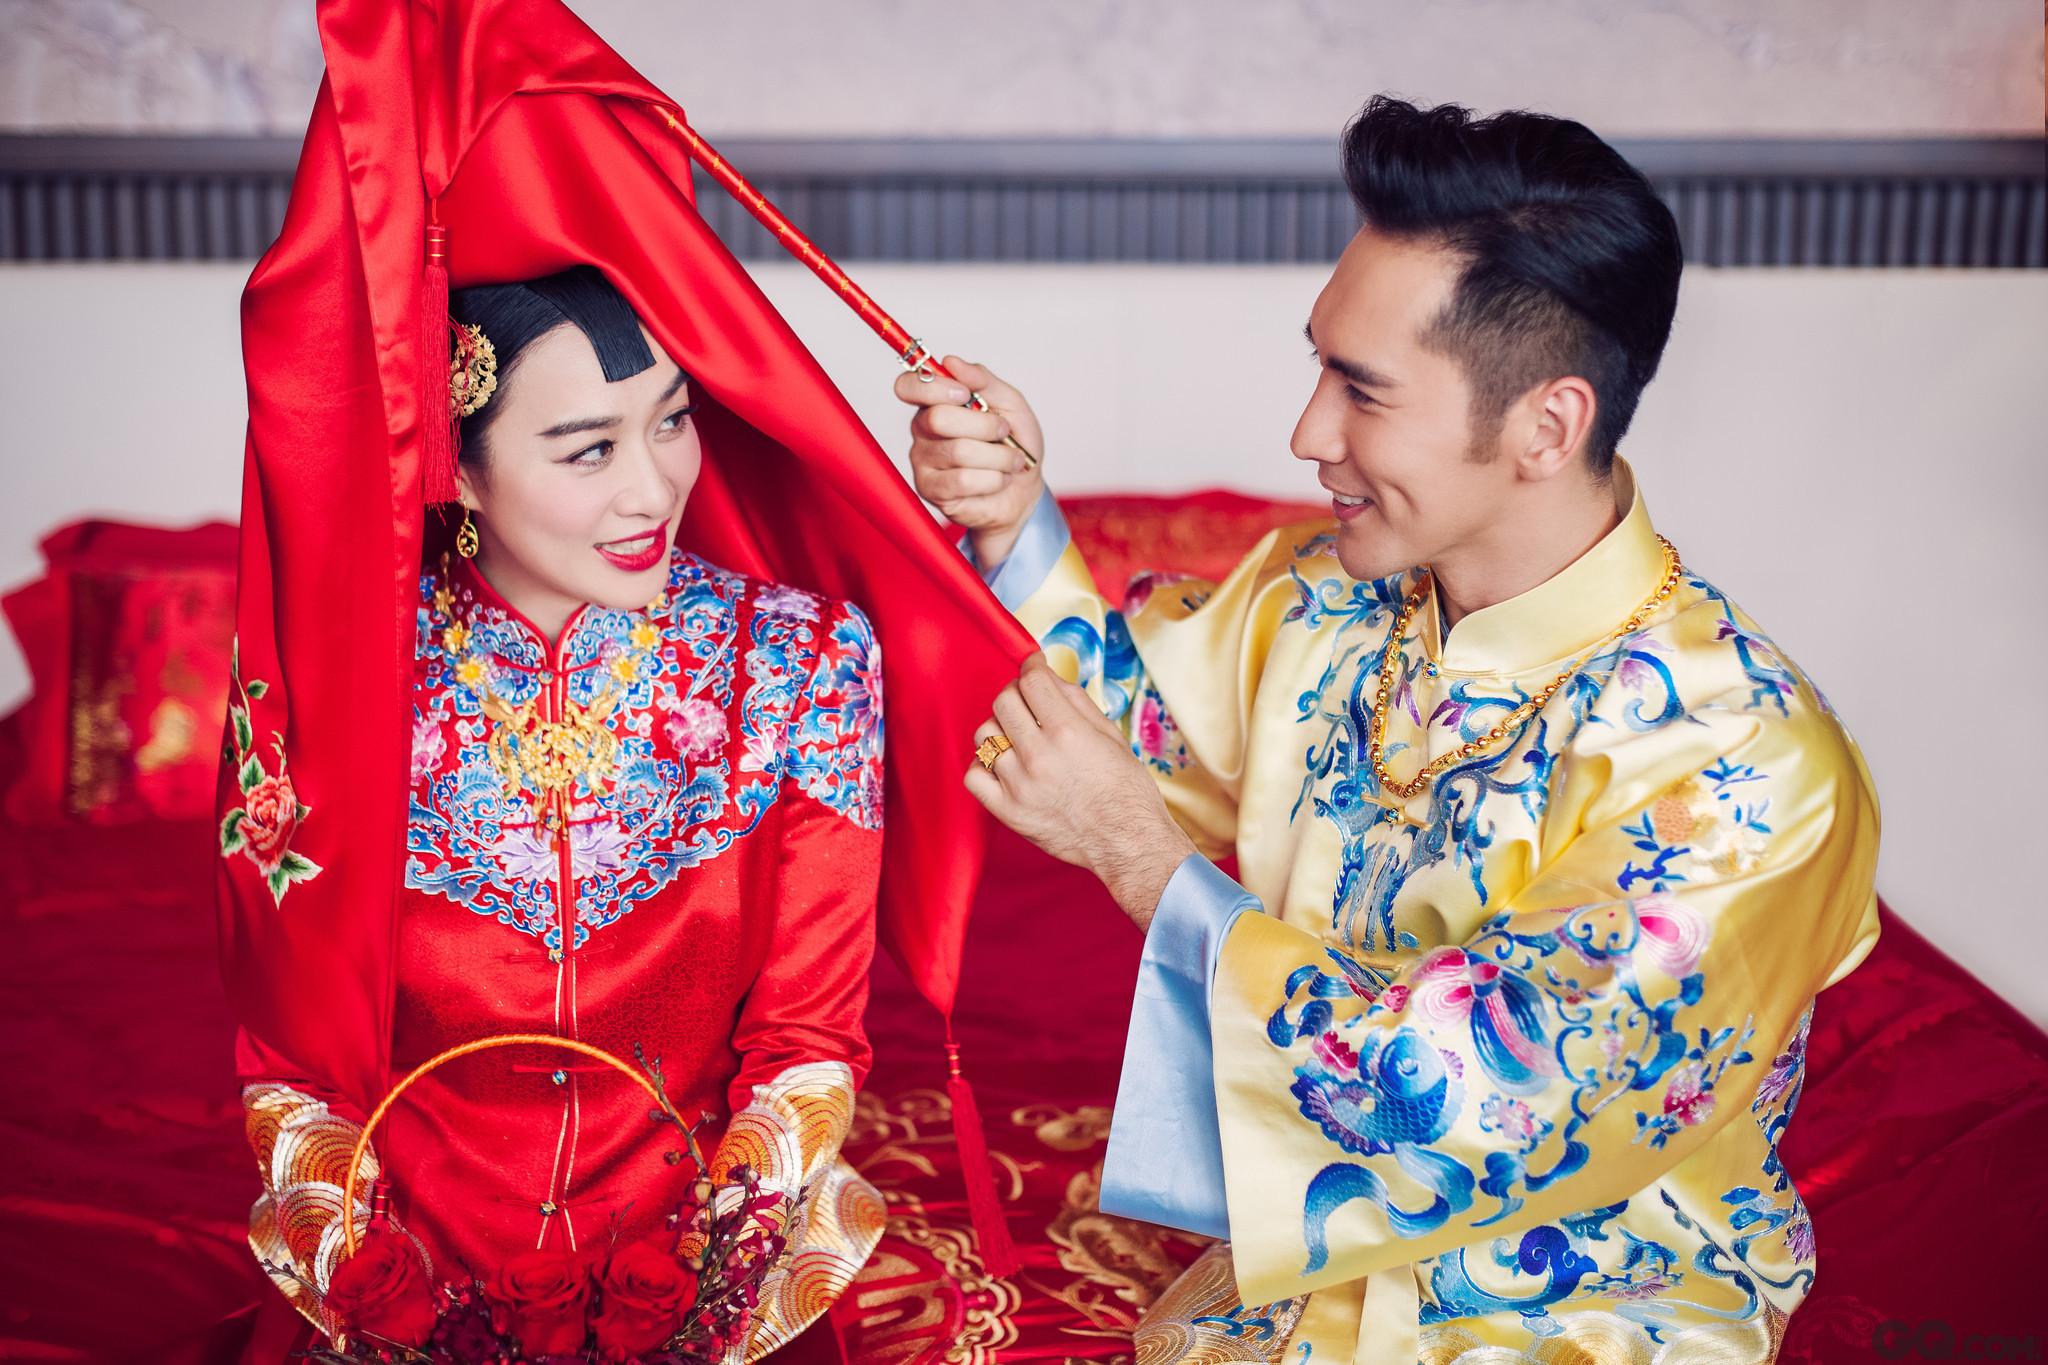 """张伦硕钟丽缇大婚,收获了甜美爱情,考拉有了24孝老爸,一家人洋溢着温暖亲情,传递了满满正能量,网友喊话:""""要一直幸福下去!"""""""